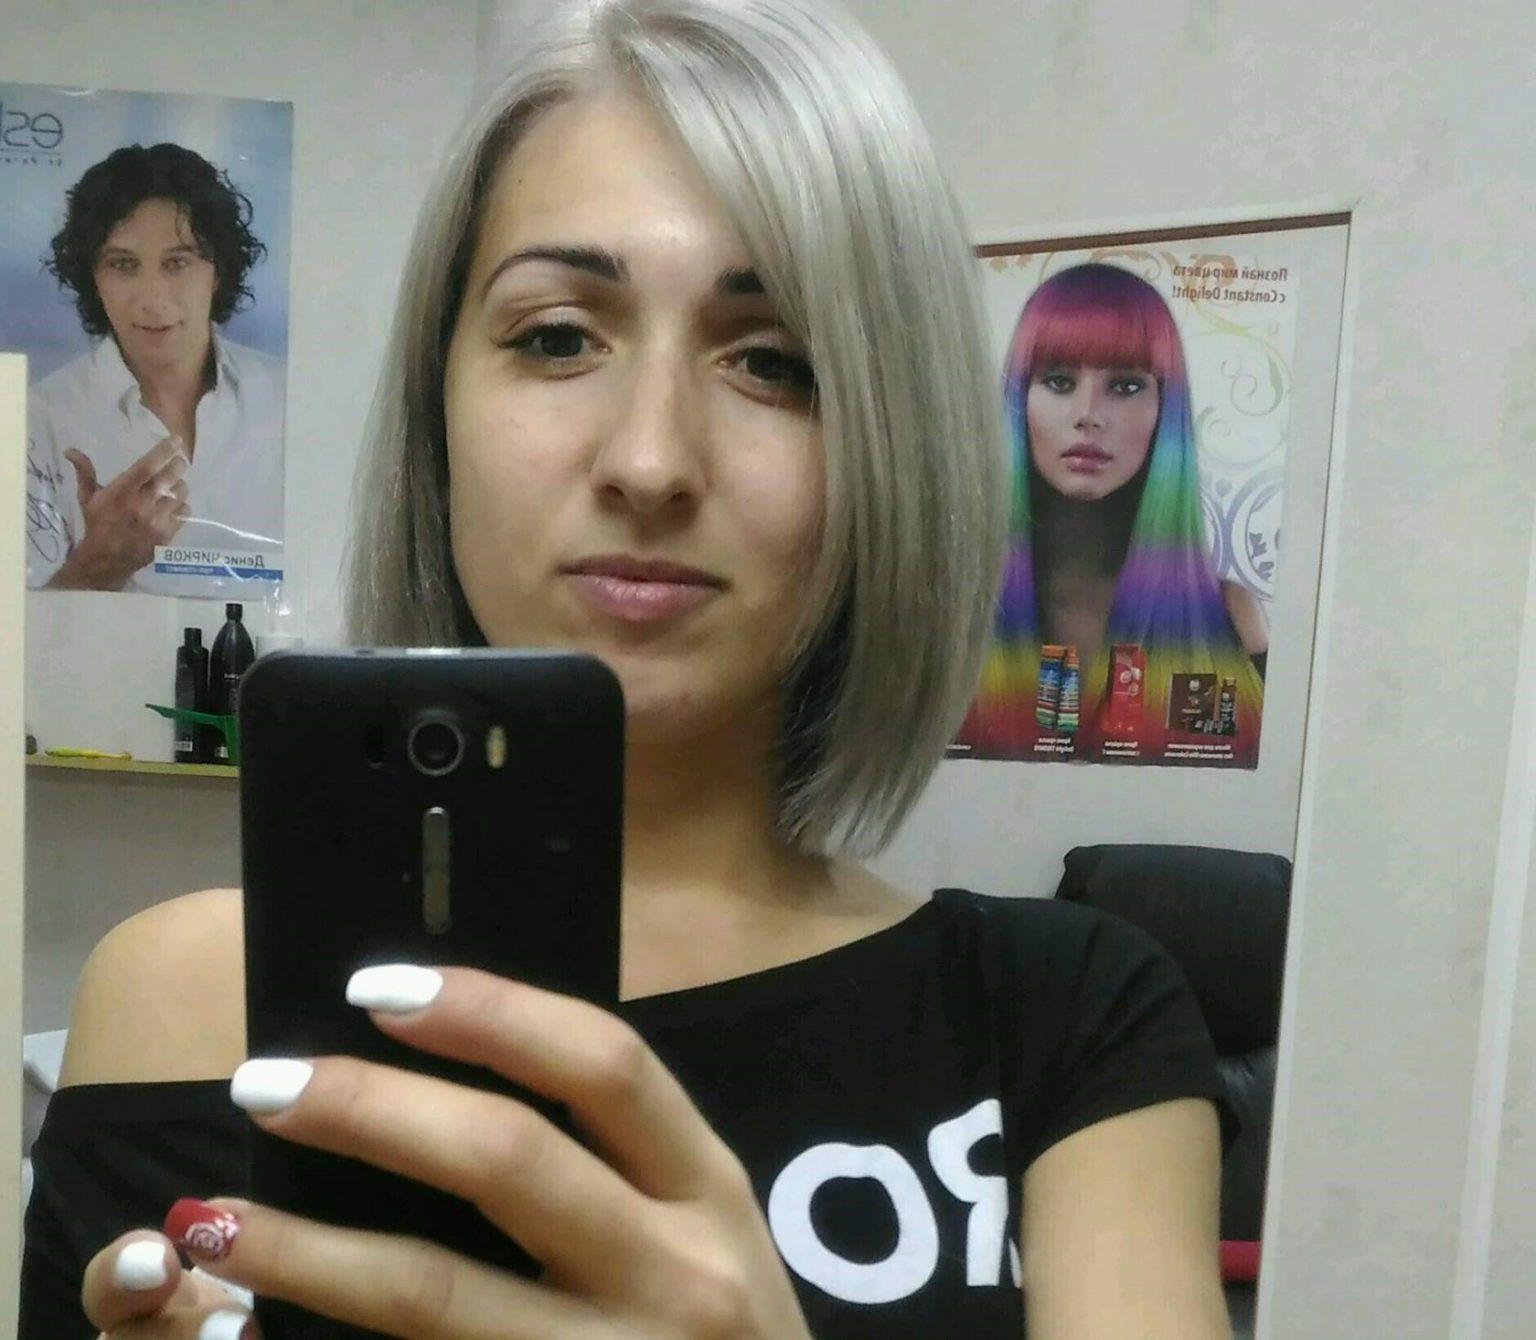 Вероника Санина